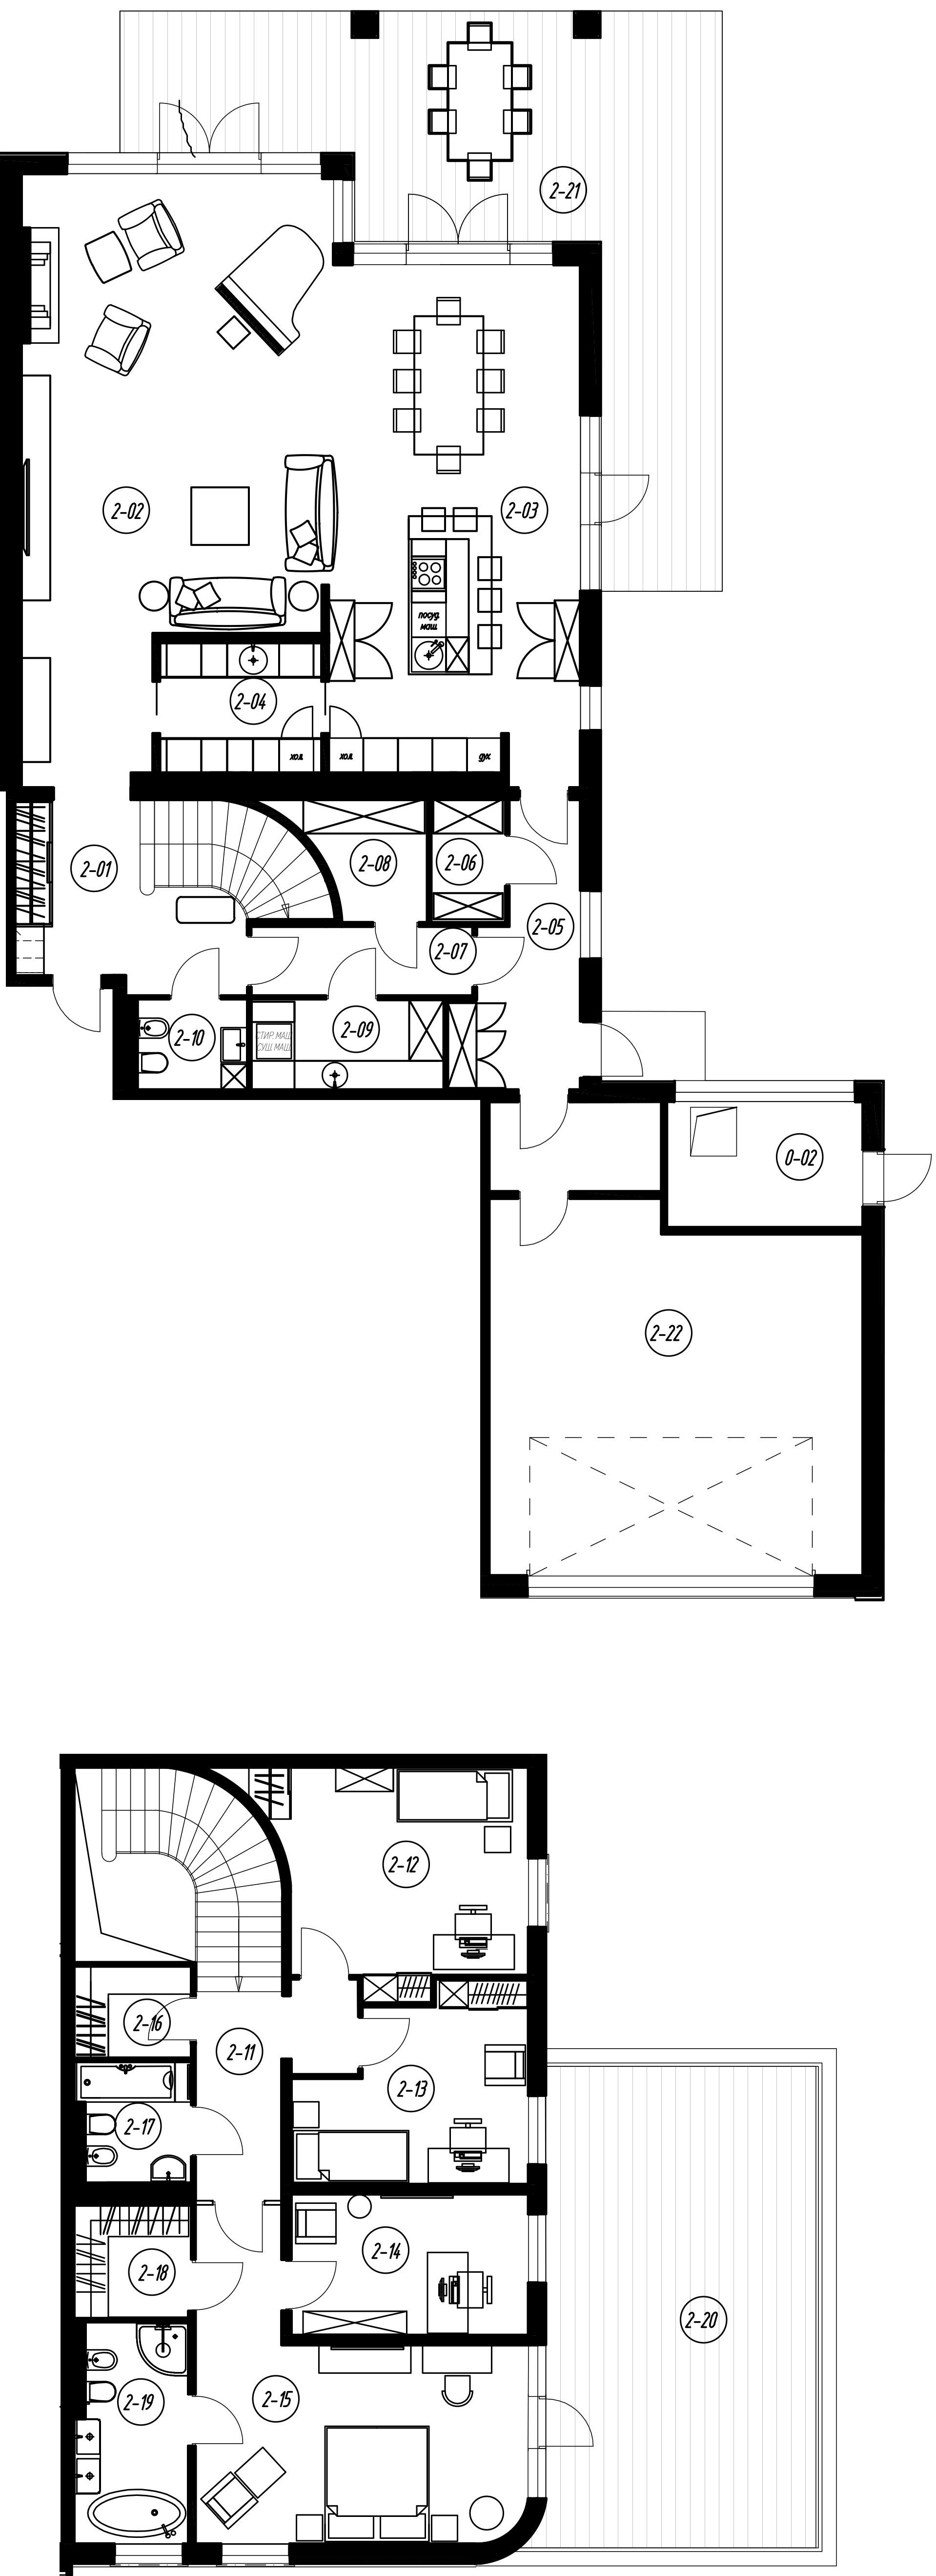 5-к.кв, 357.73 м²